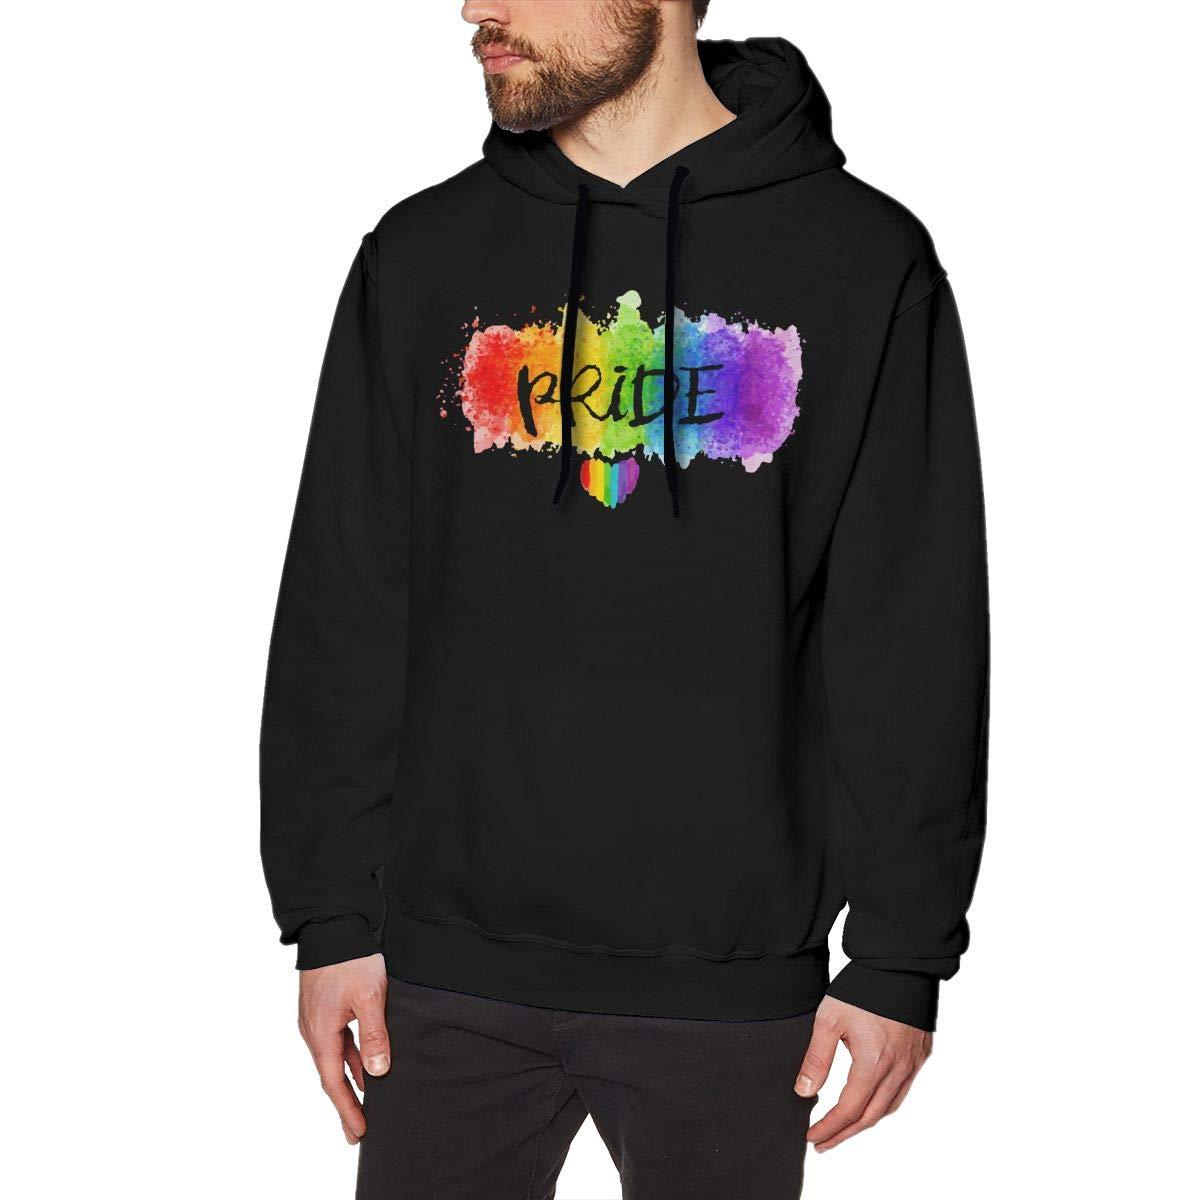 Jiw9w67 Lgbt Pride S Pullover Black Shirts